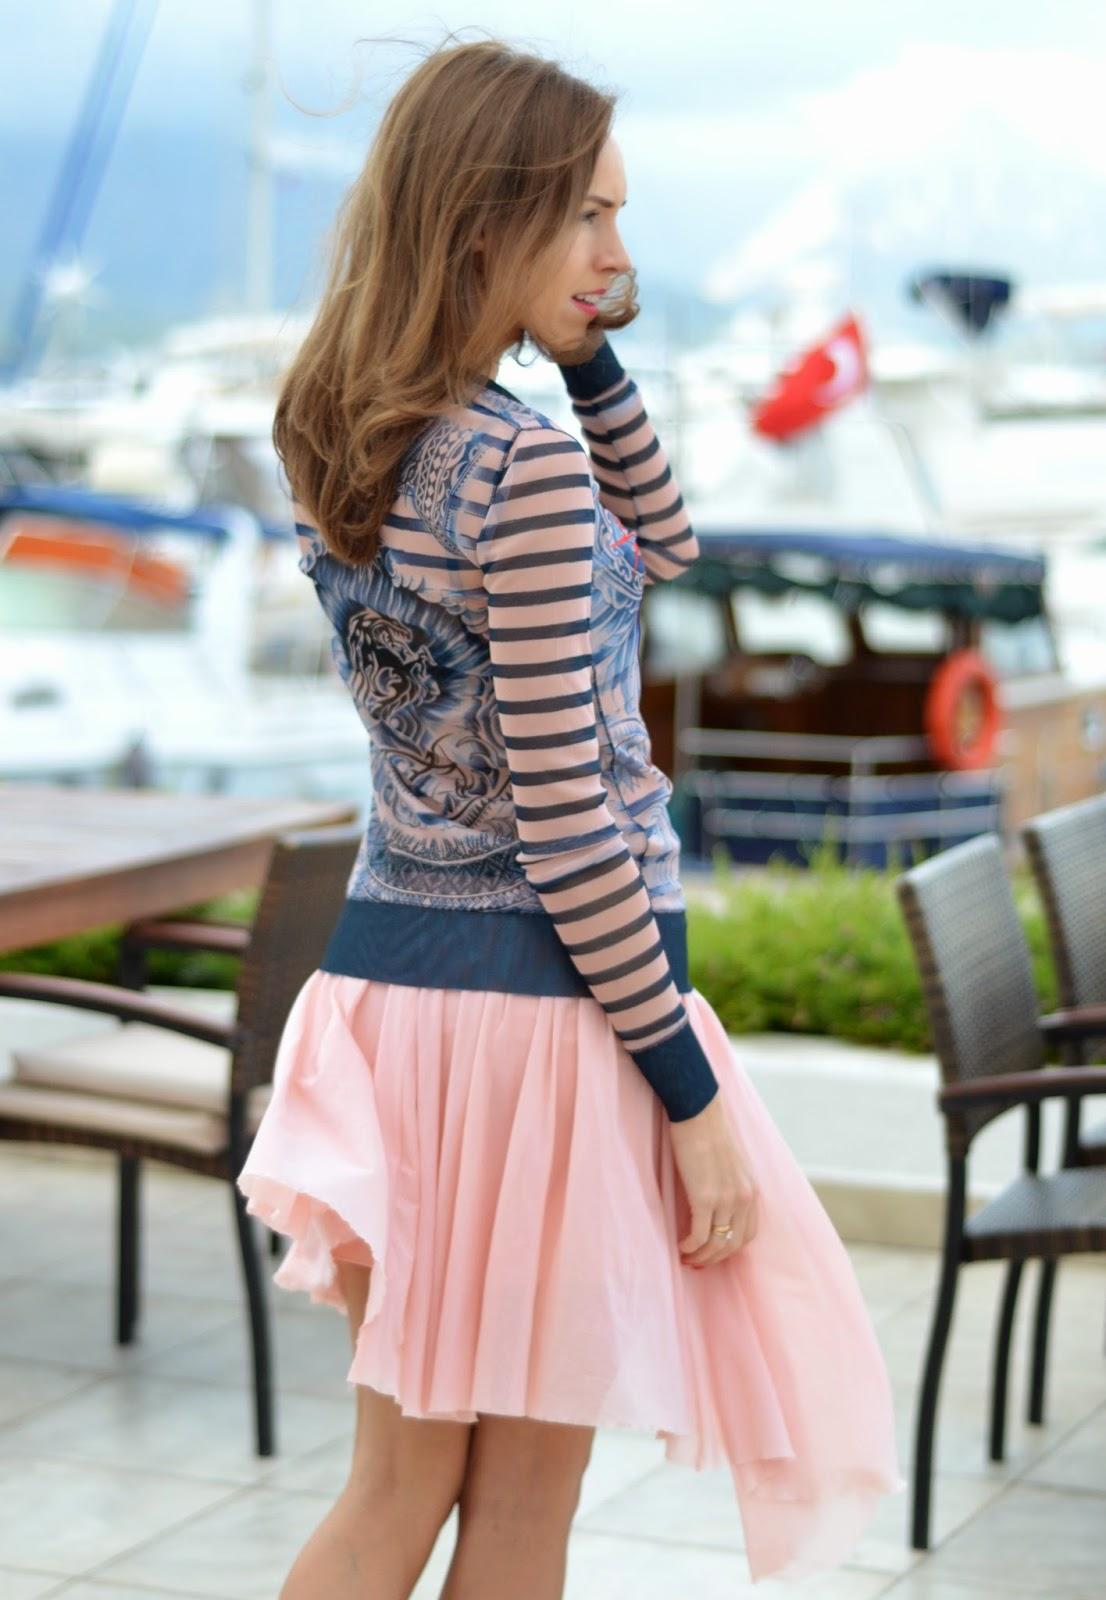 gaultier-lindex-top-bershka-skirt